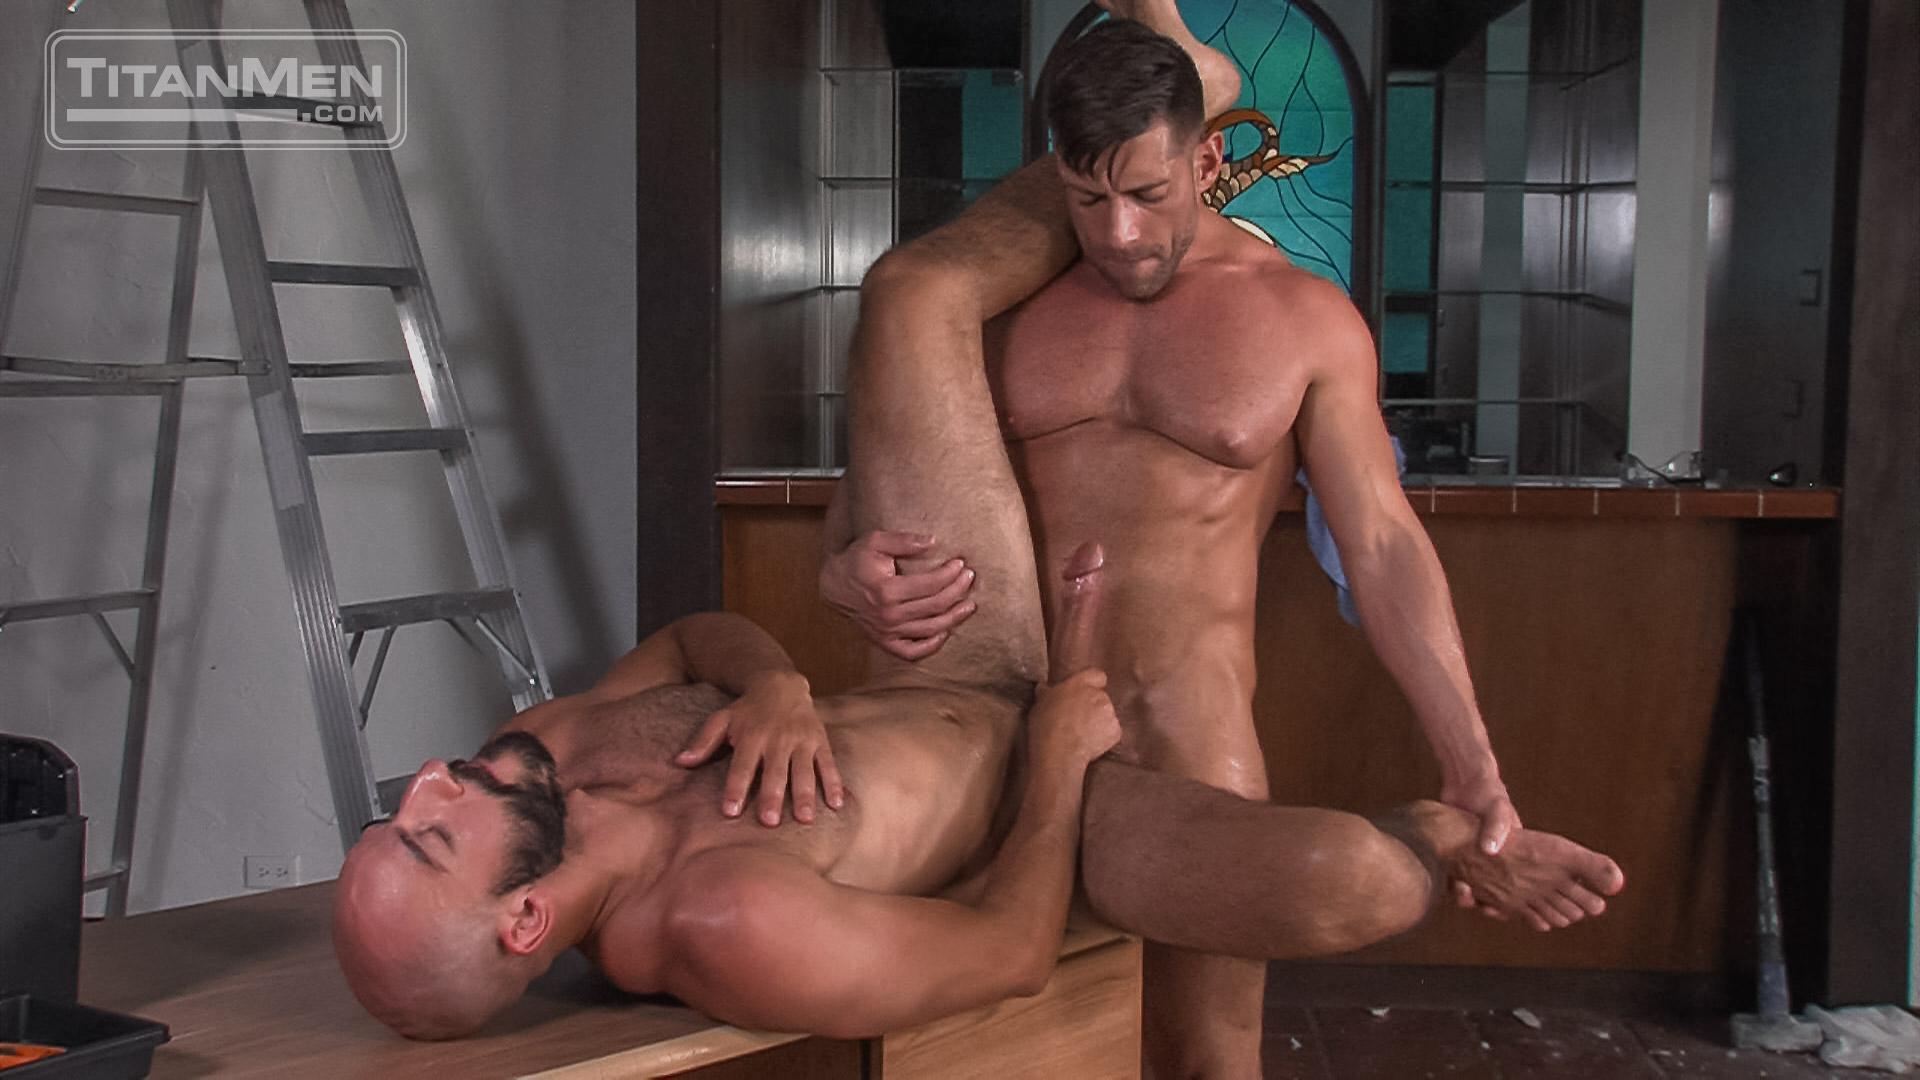 Эрик в порно, Эрик Найтли - порно модель. Видео, фото и биография 6 фотография